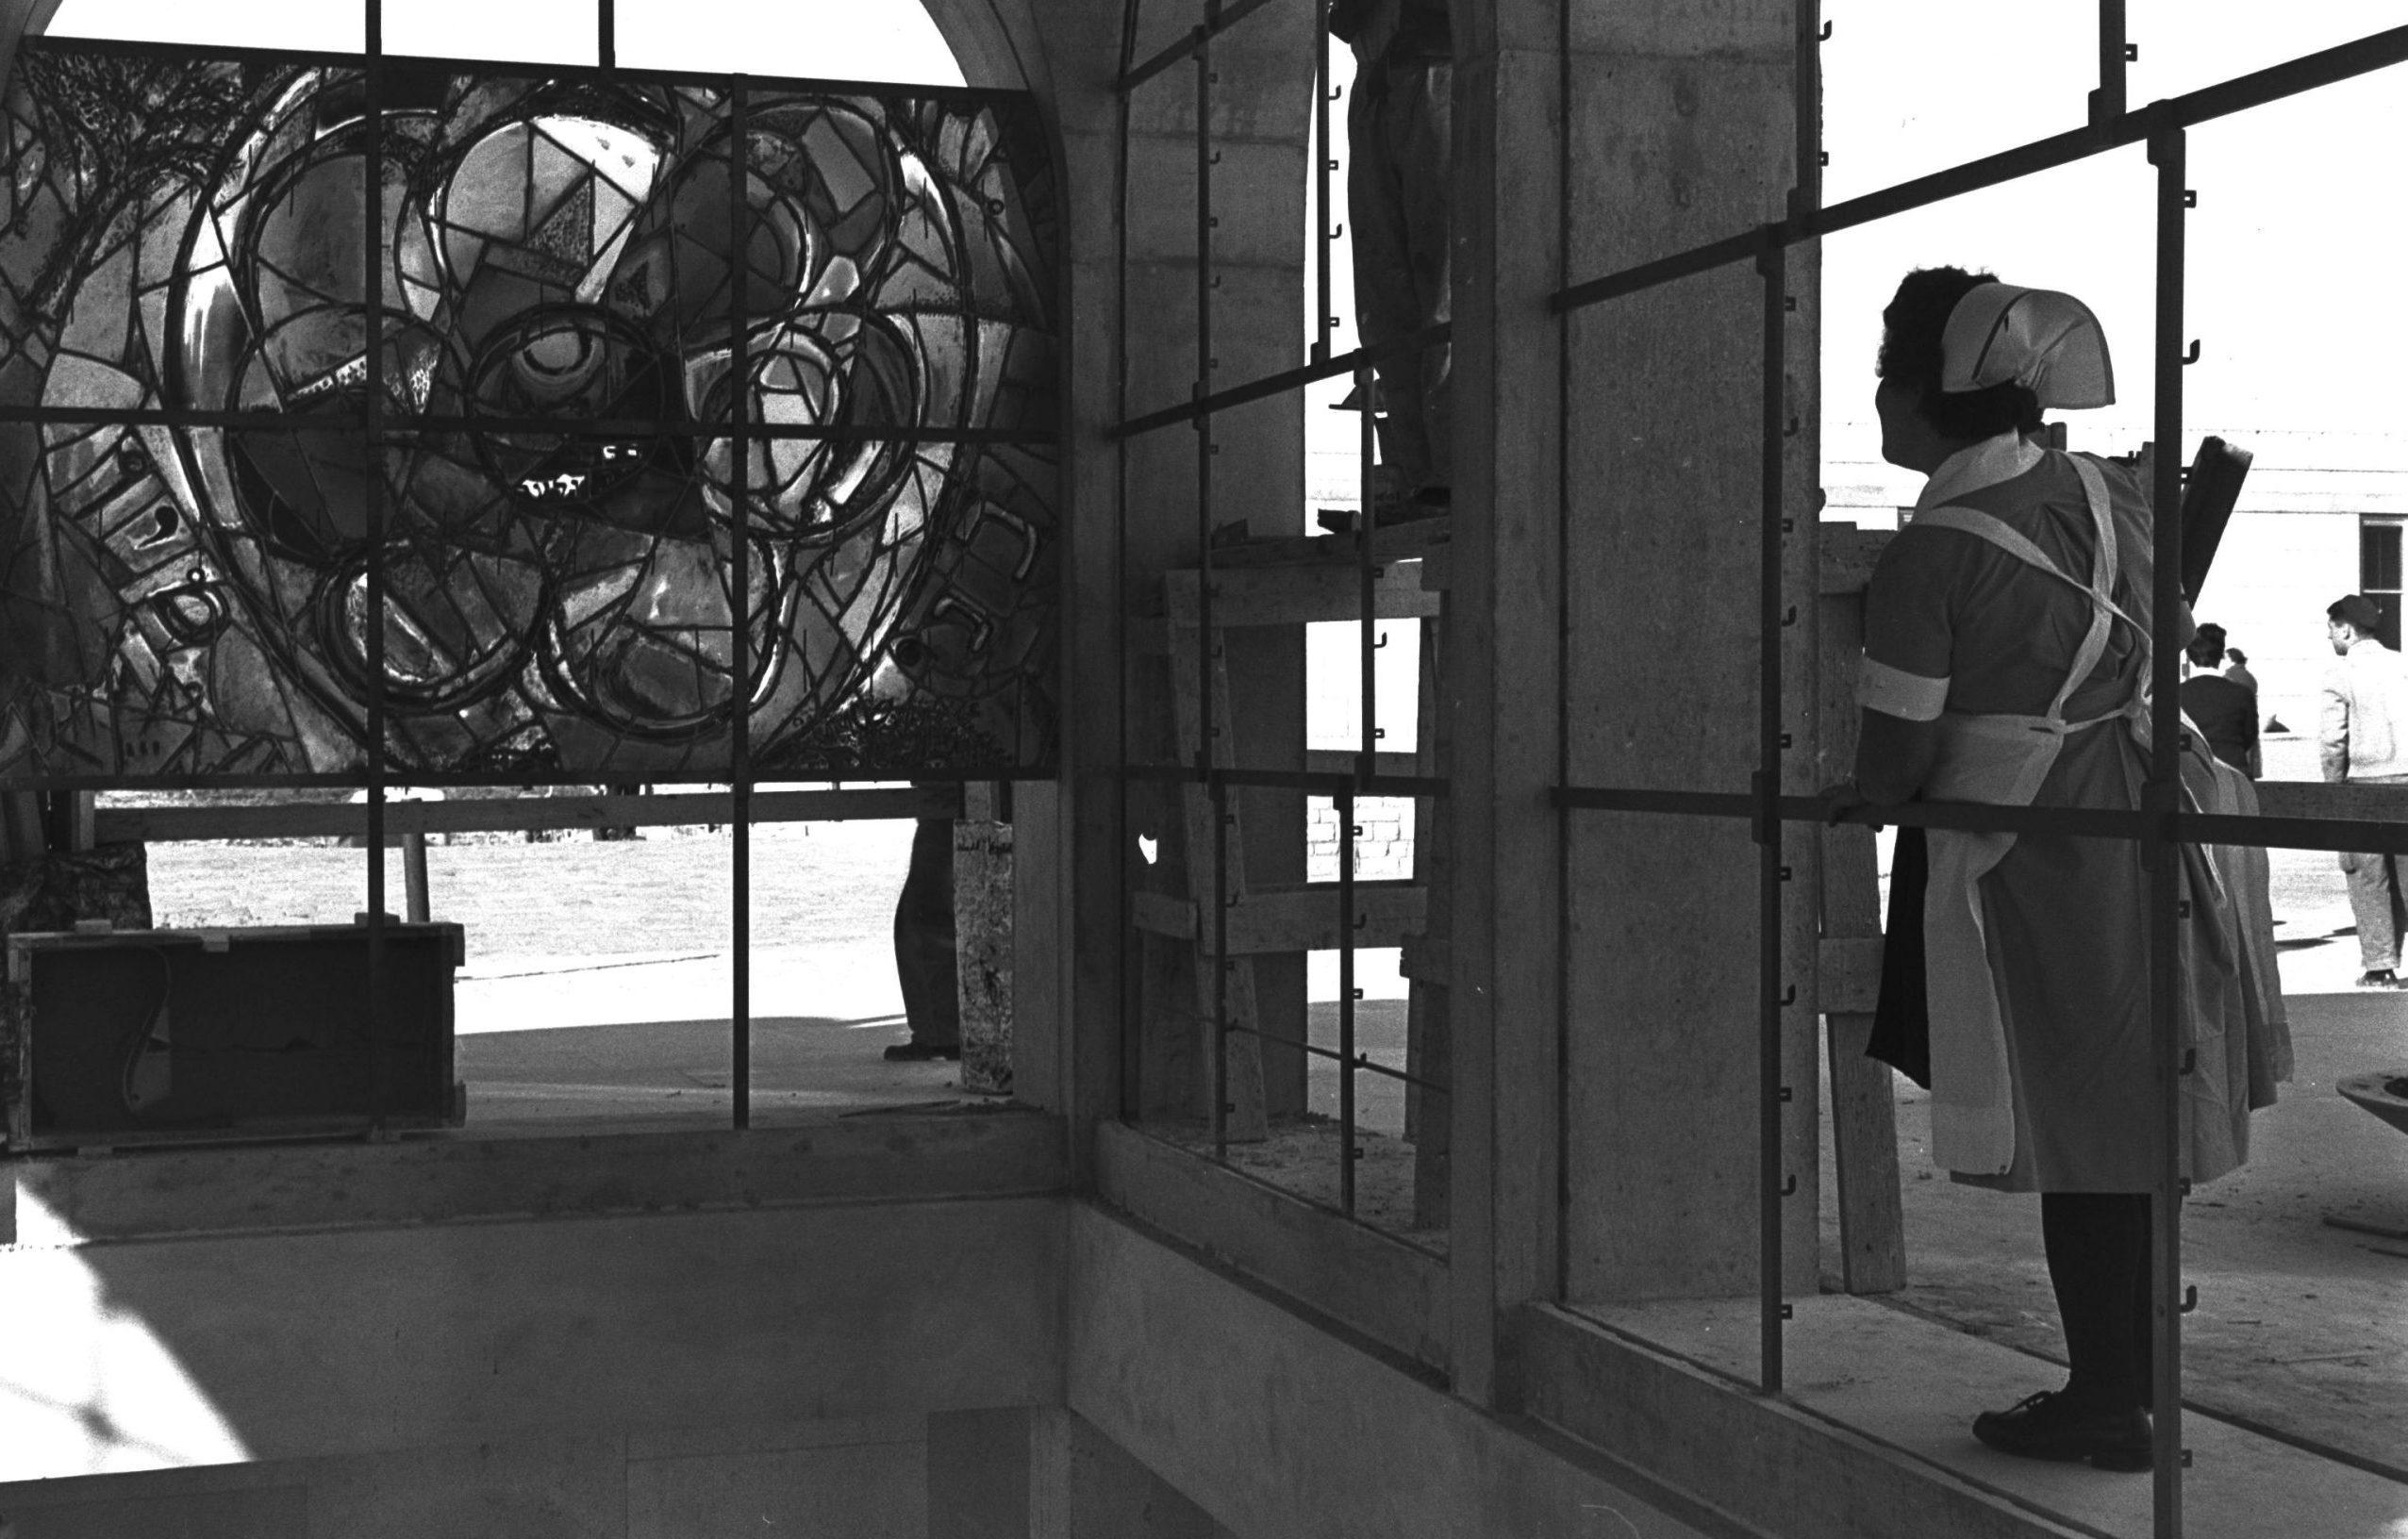 """אחות מתבוננת על הוויטרז'ים המפורסמים בבית הכנסת שבבית החולים הדסה עין כרם סמוך להתקנתם בתשכ""""ב צילום: משה פרידן, לע""""מ"""